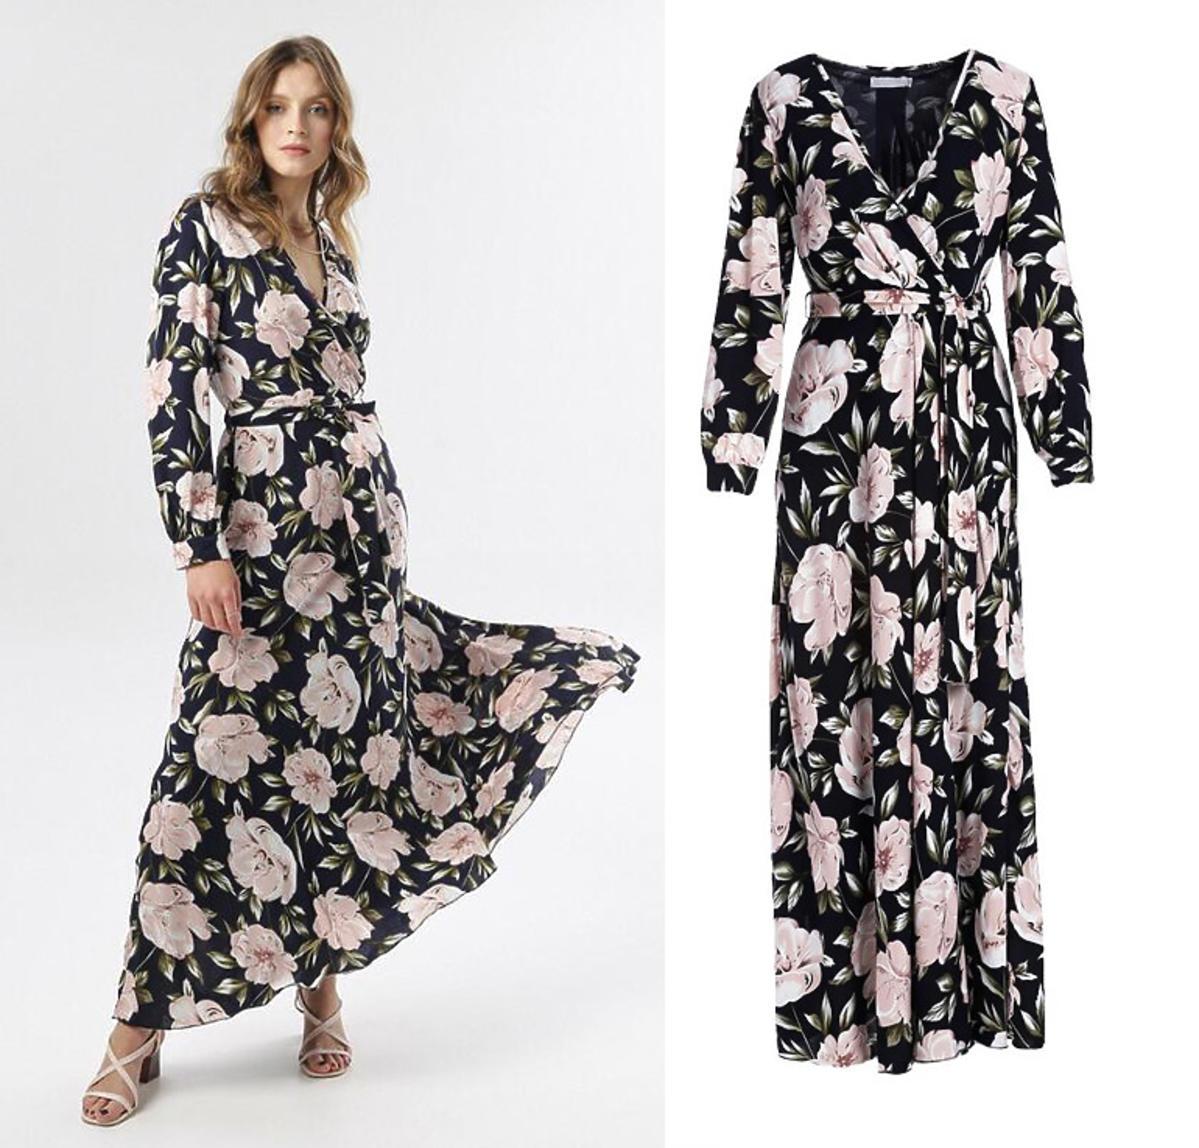 Granatowo-Różowa sukienka Joyous, Born2Be, 144,99 zł